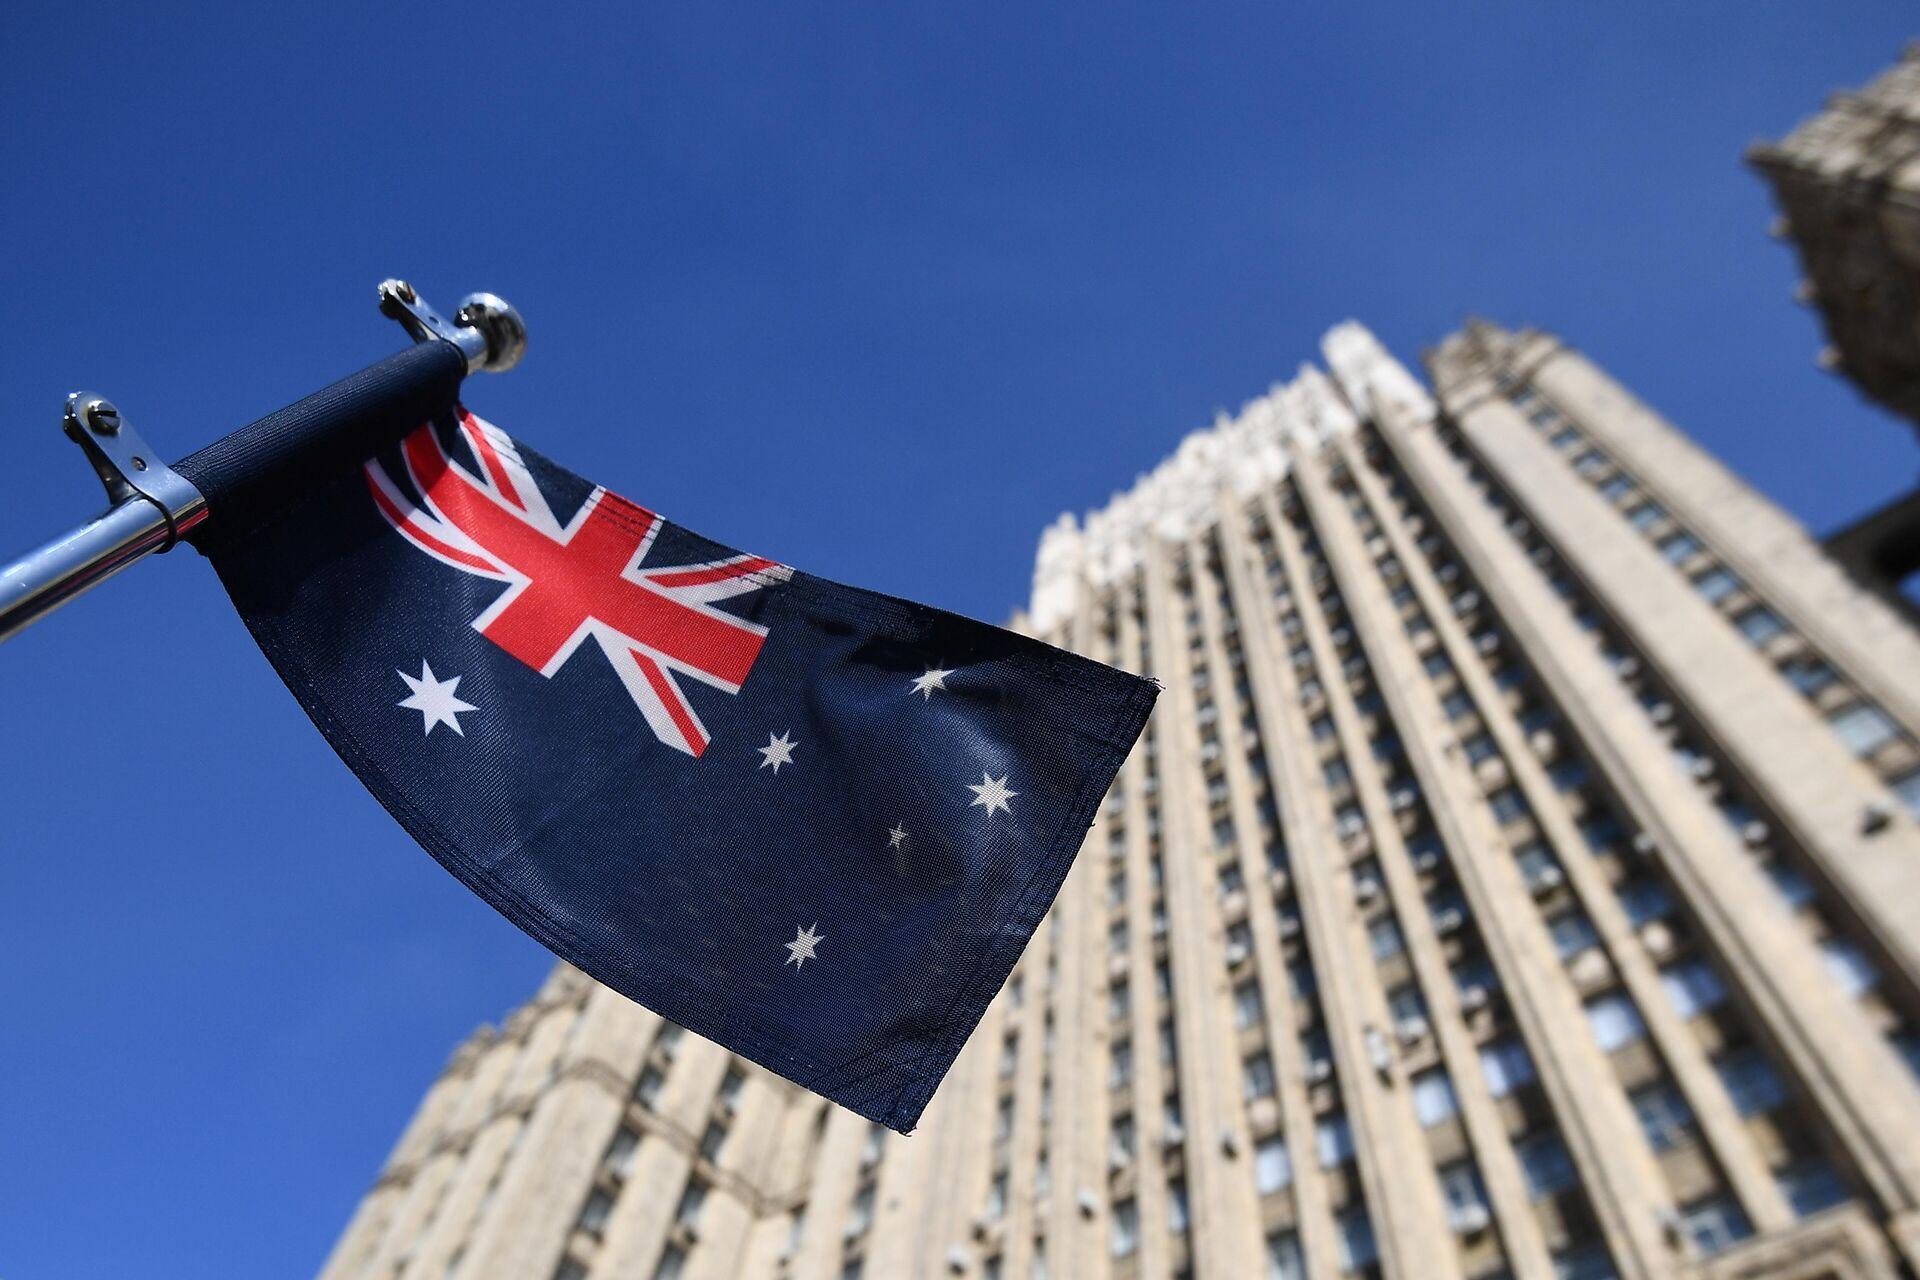 Государственный флаг Австралии у здания министерства иностранных дел РФ - РИА Новости, 1920, 14.12.2020